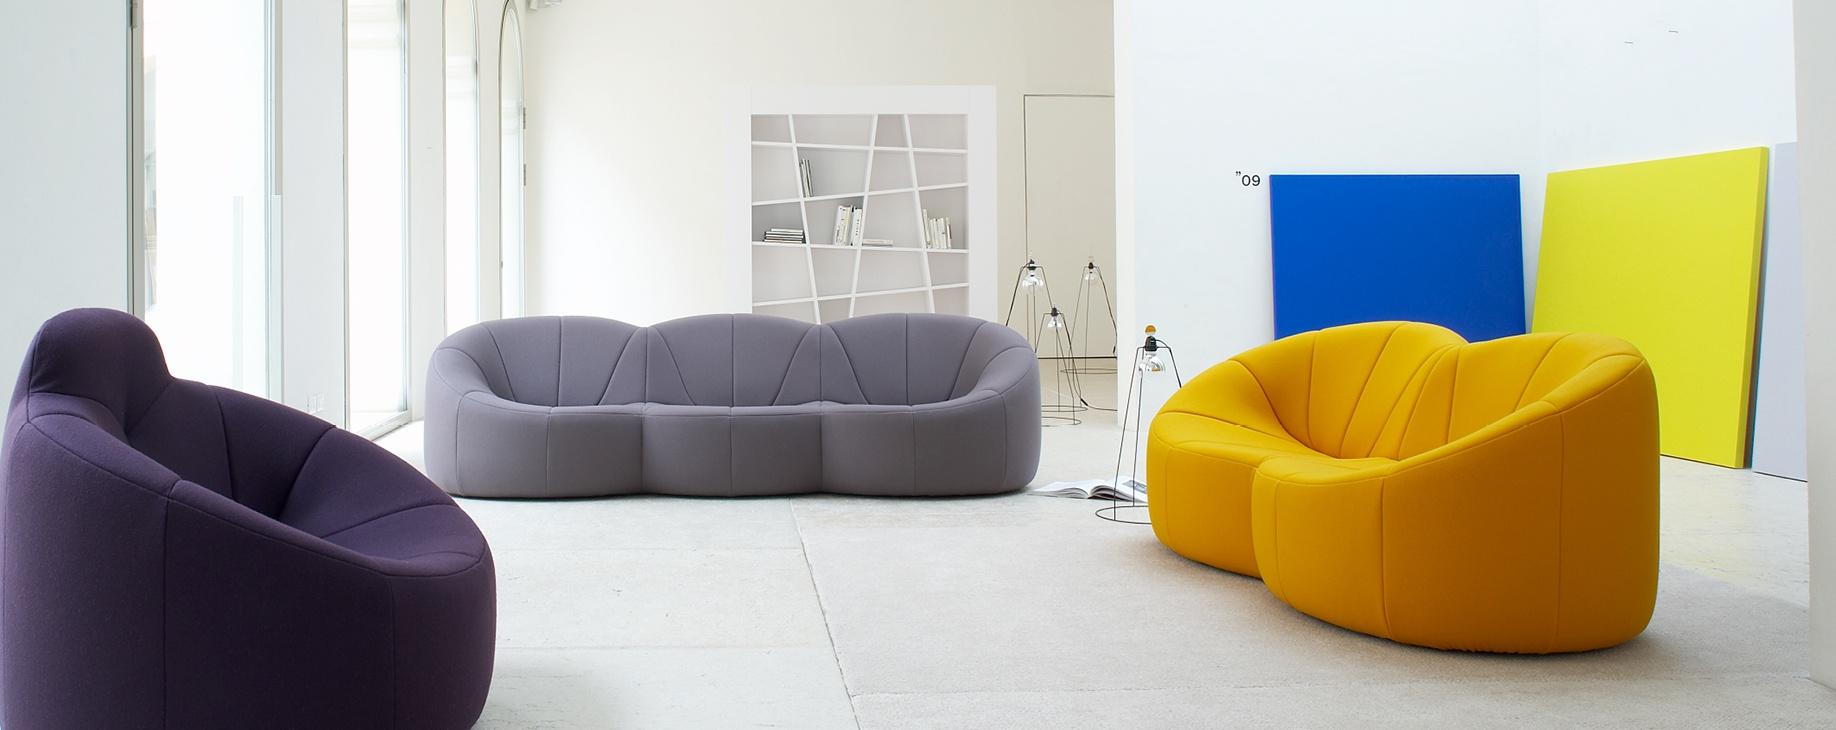 ligne roset contemporary high end furniture. Black Bedroom Furniture Sets. Home Design Ideas